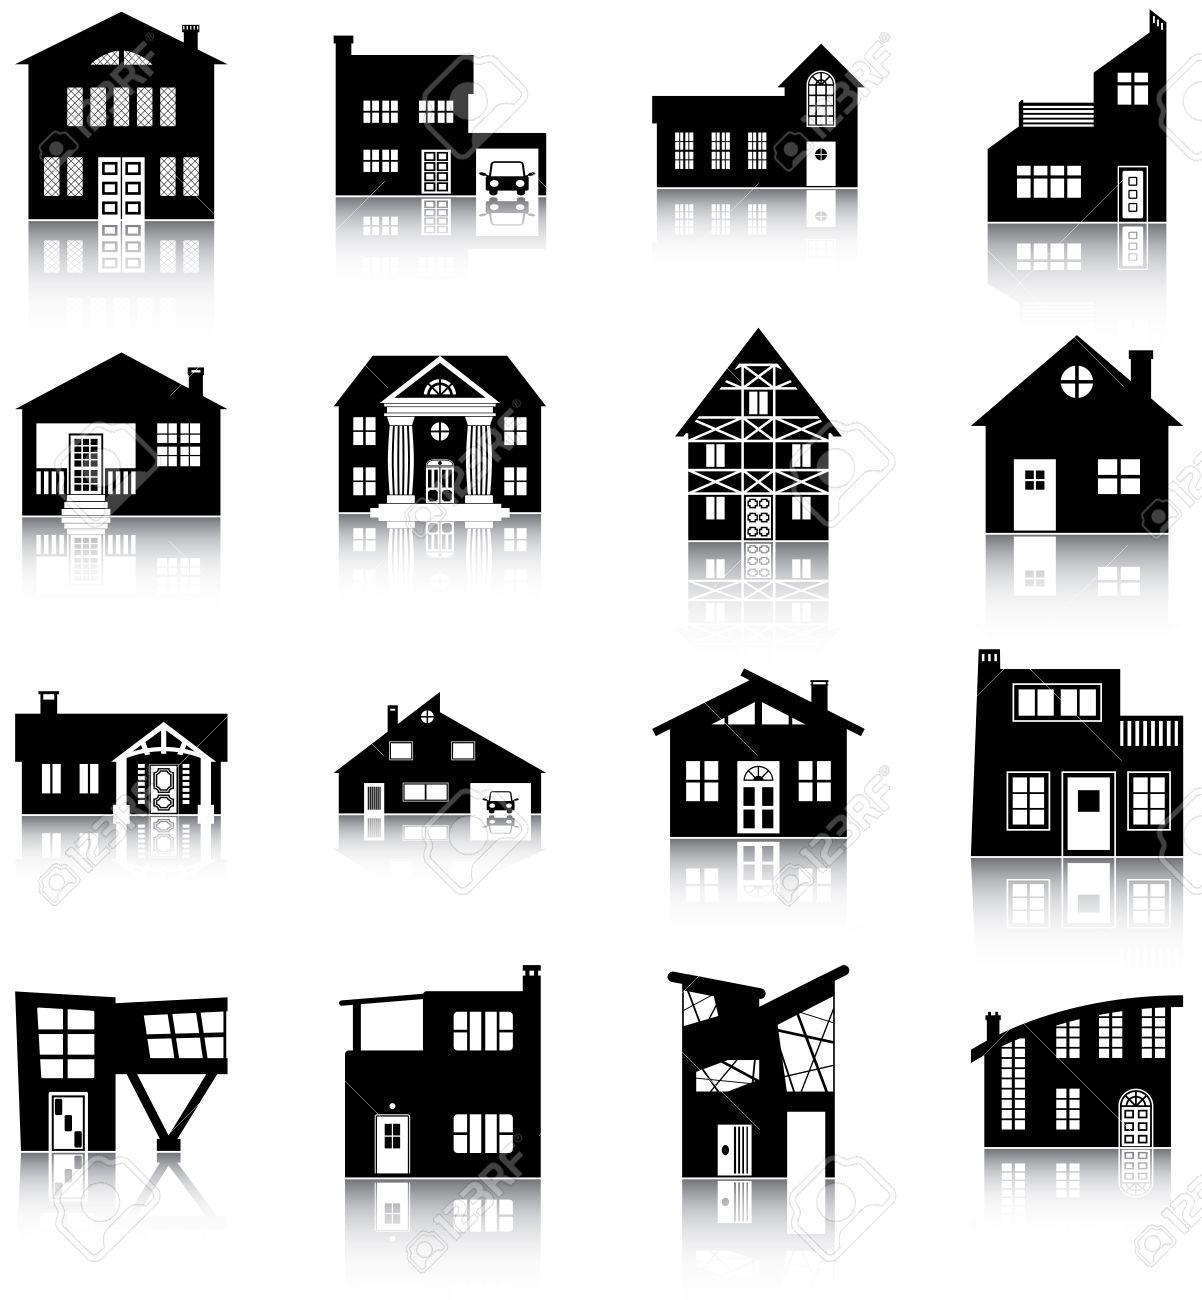 village clipart black and white wwwimgkidcom the